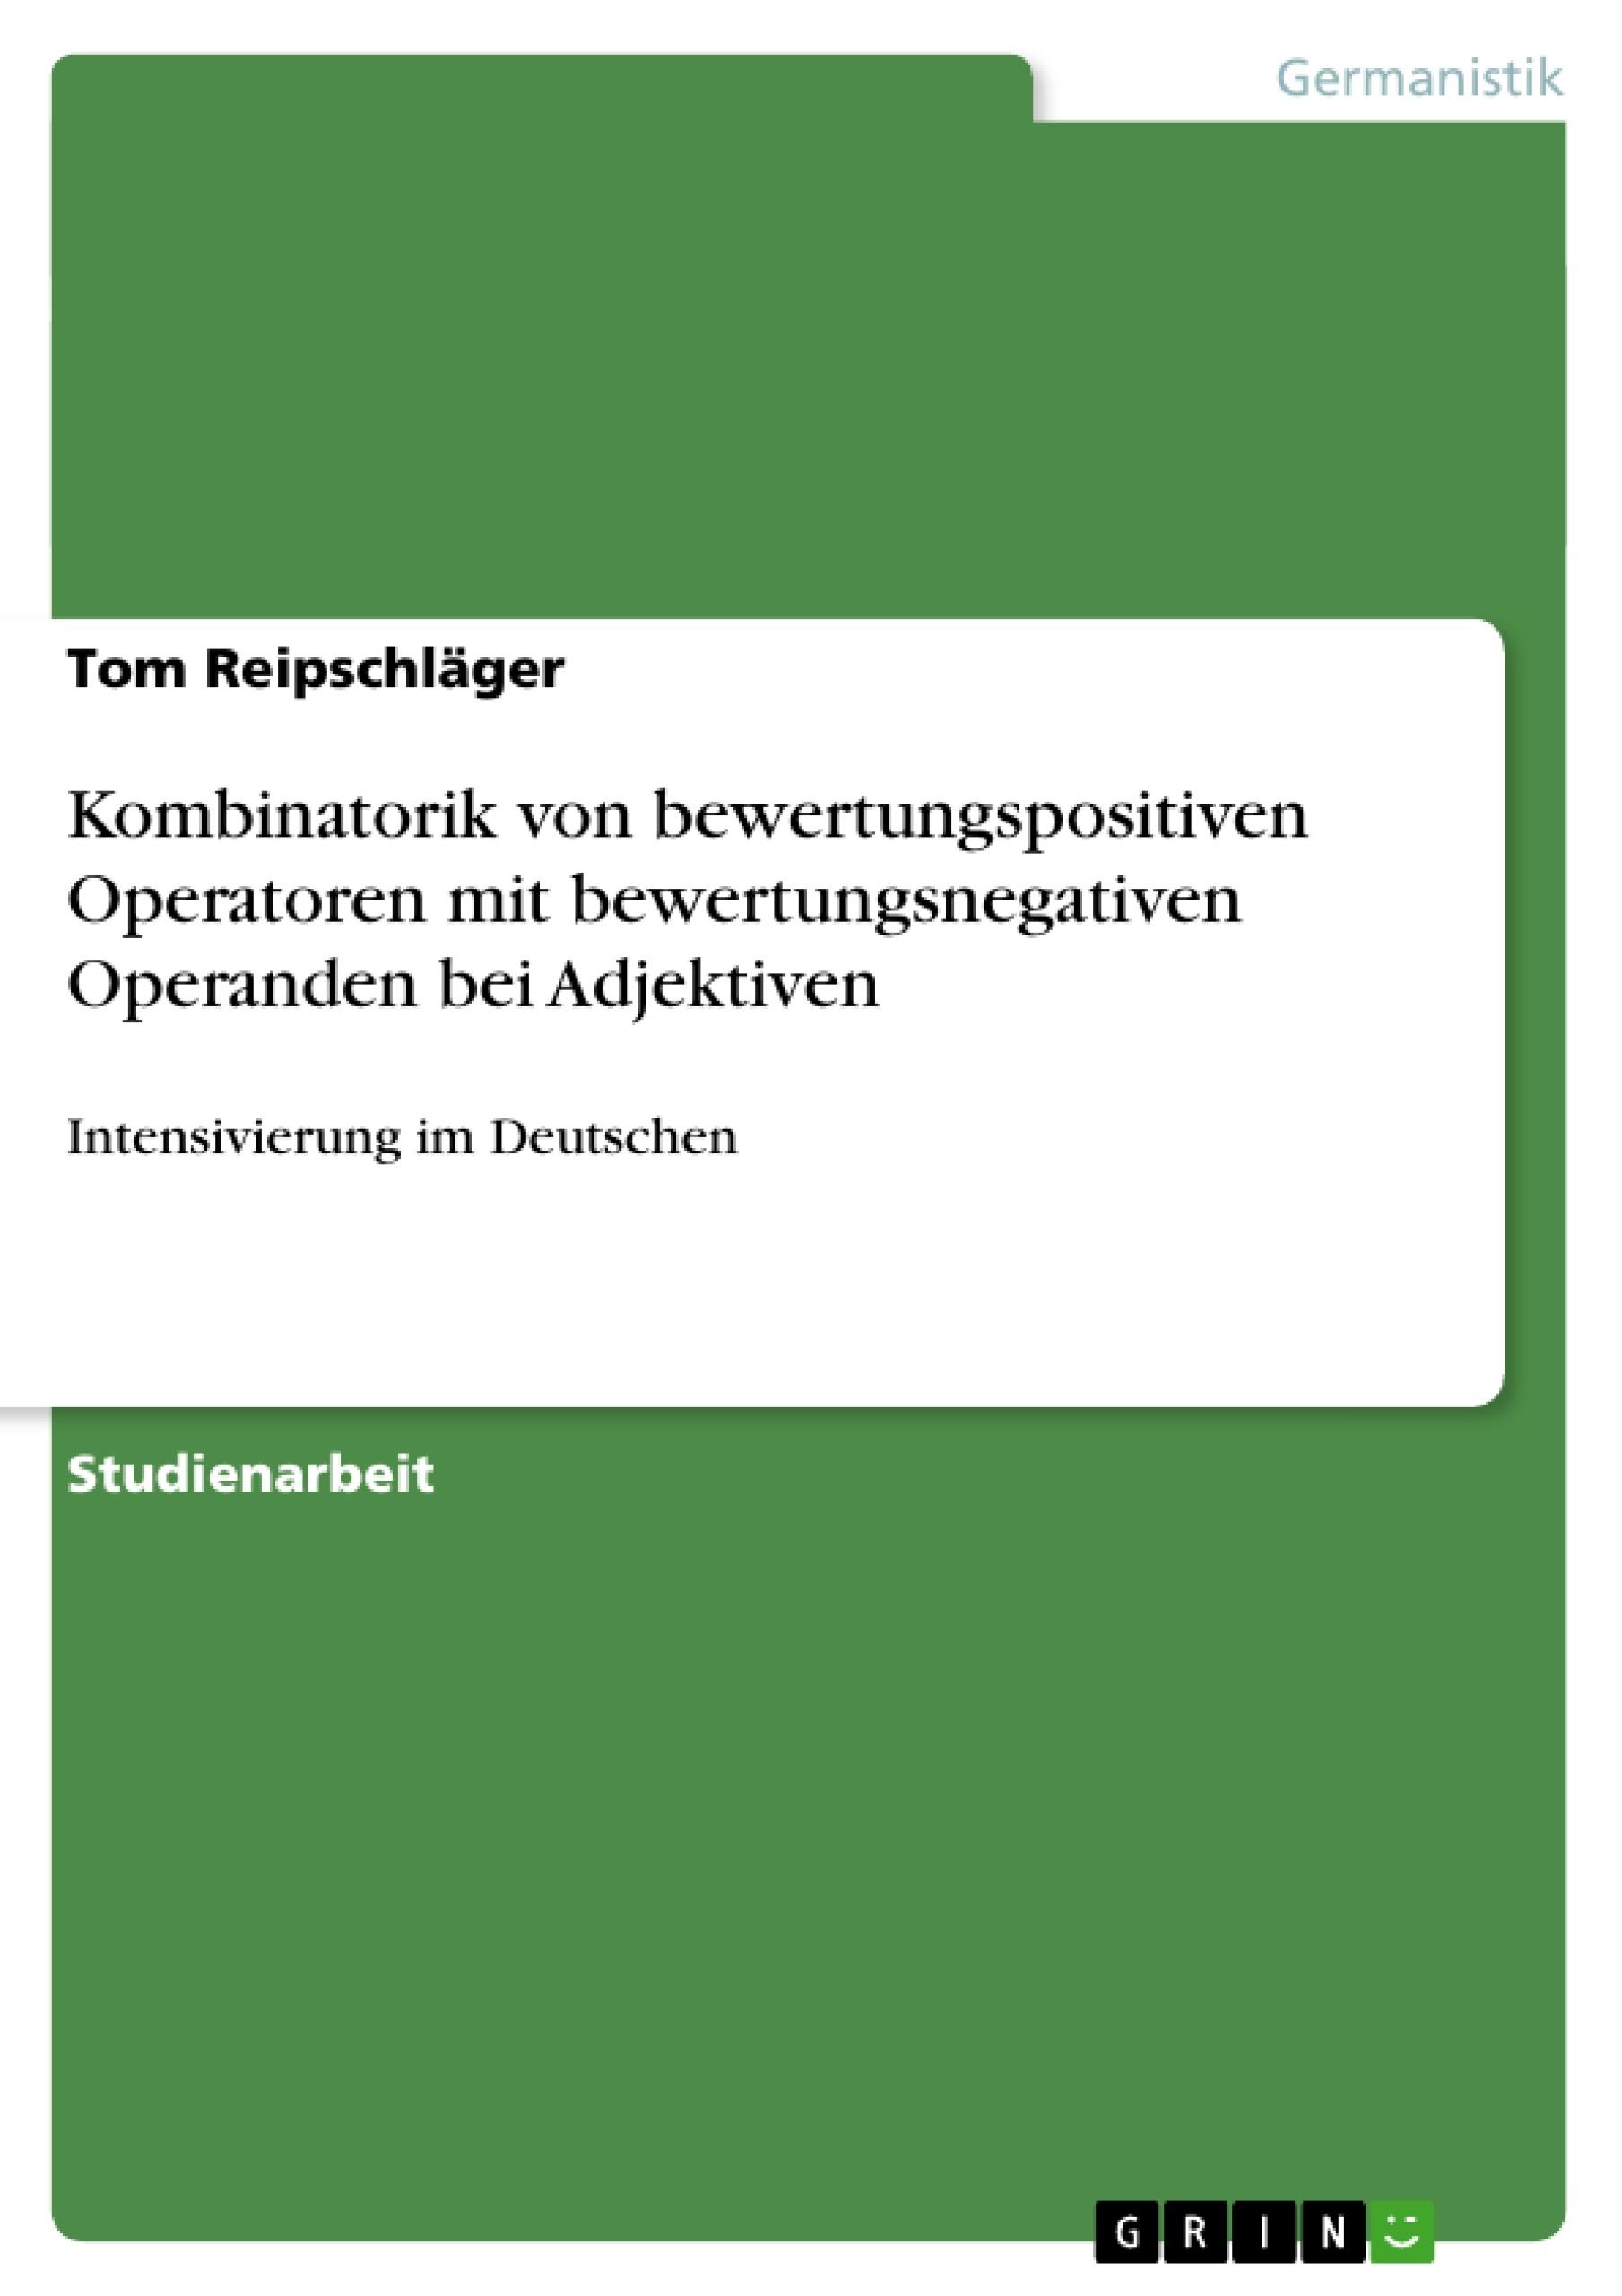 Titel: Kombinatorik von bewertungspositiven Operatoren mit  bewertungsnegativen Operanden bei Adjektiven